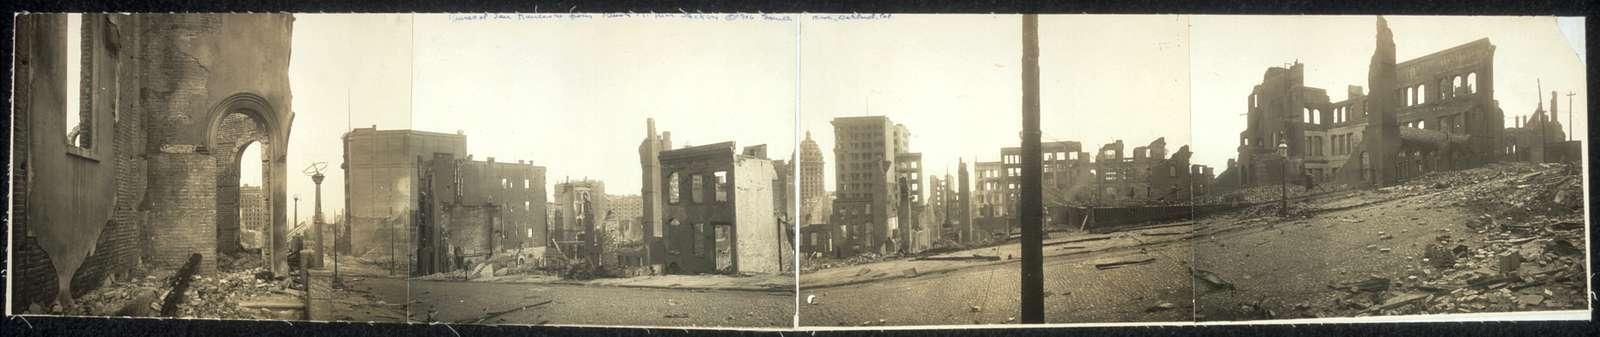 Ruins of San Francisco from Bush St., near Stockton